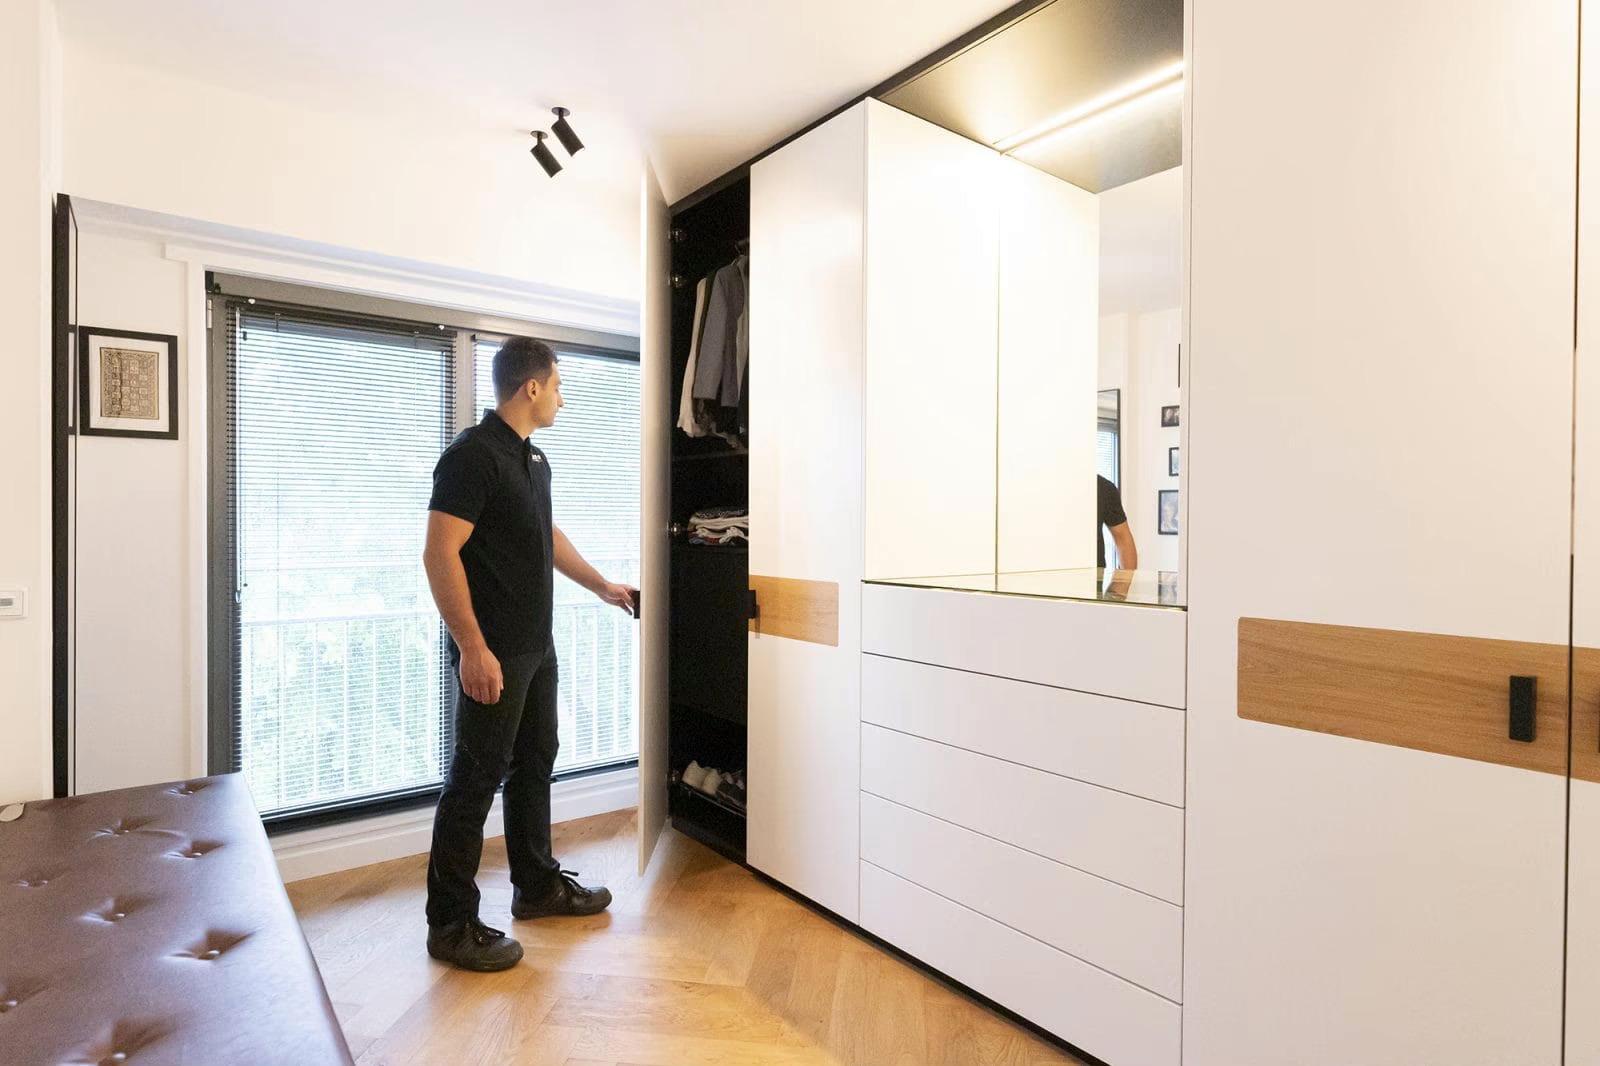 Garderobe op maat gemaakt door meubelmakers in Spijkenisse en omgeving